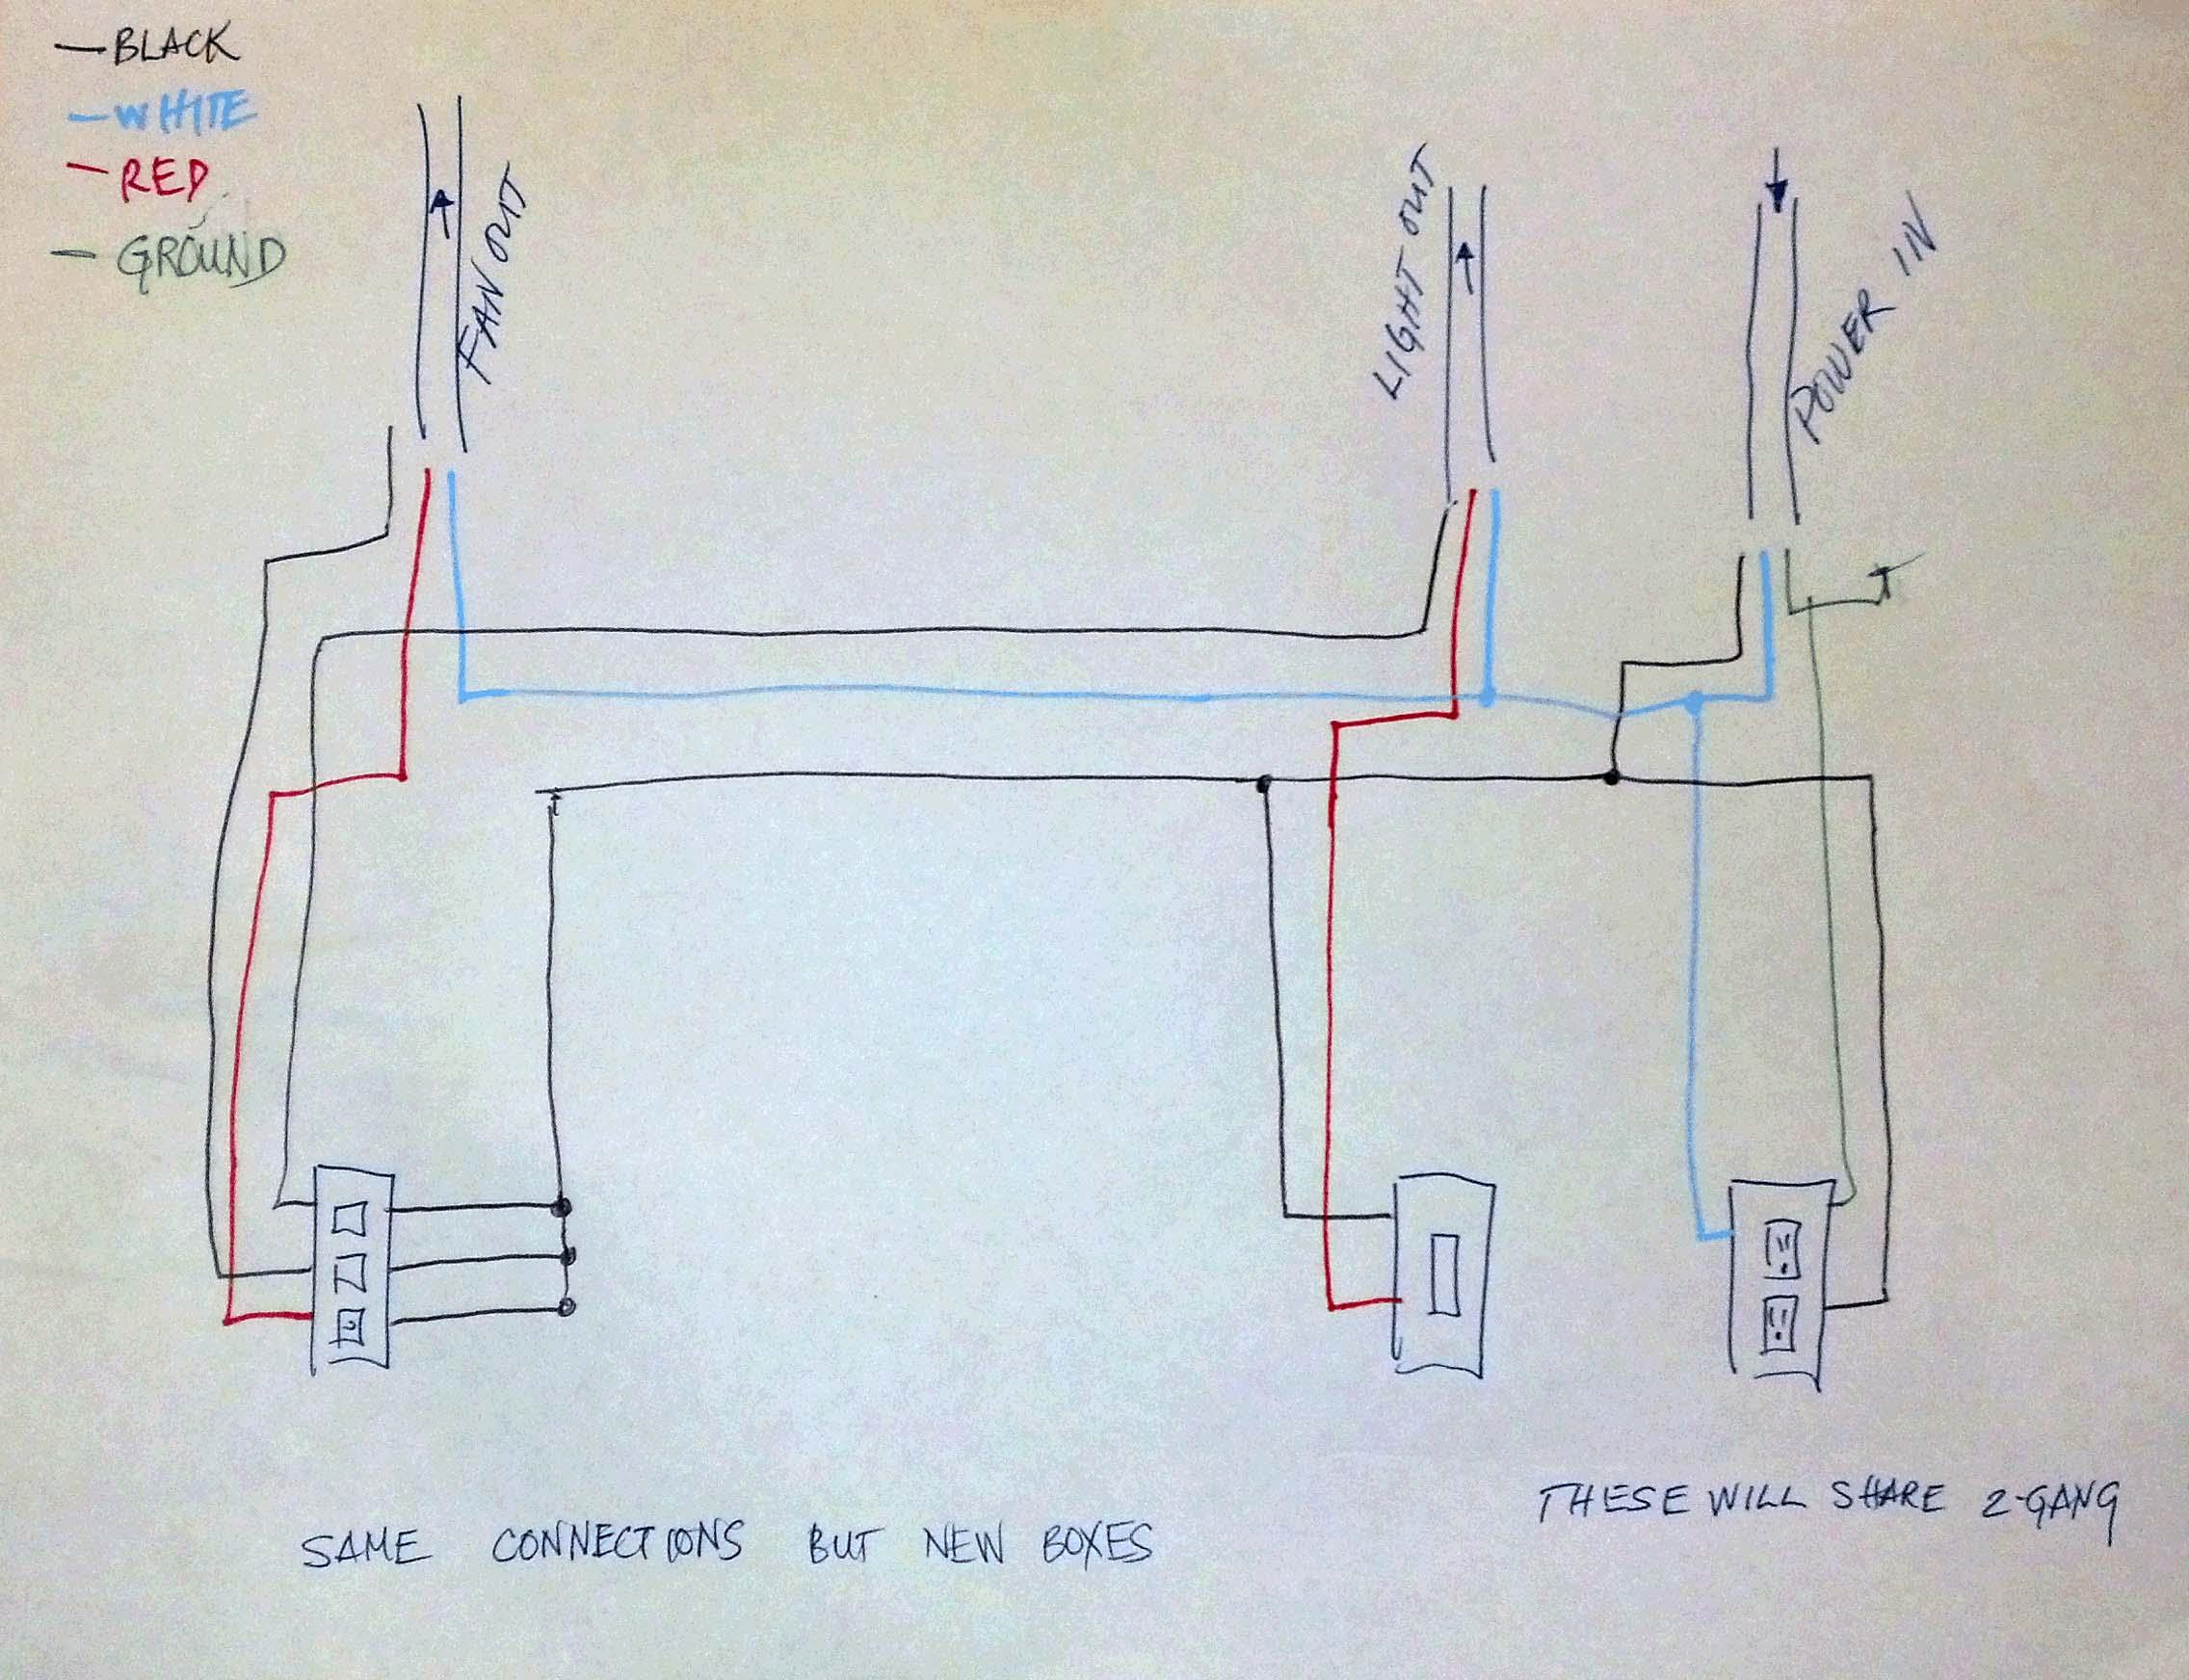 Blower Fan Wiring Diagram For Light -Suzuki Ts 250 X Wiring Diagram |  Begeboy Wiring Diagram SourceBegeboy Wiring Diagram Source